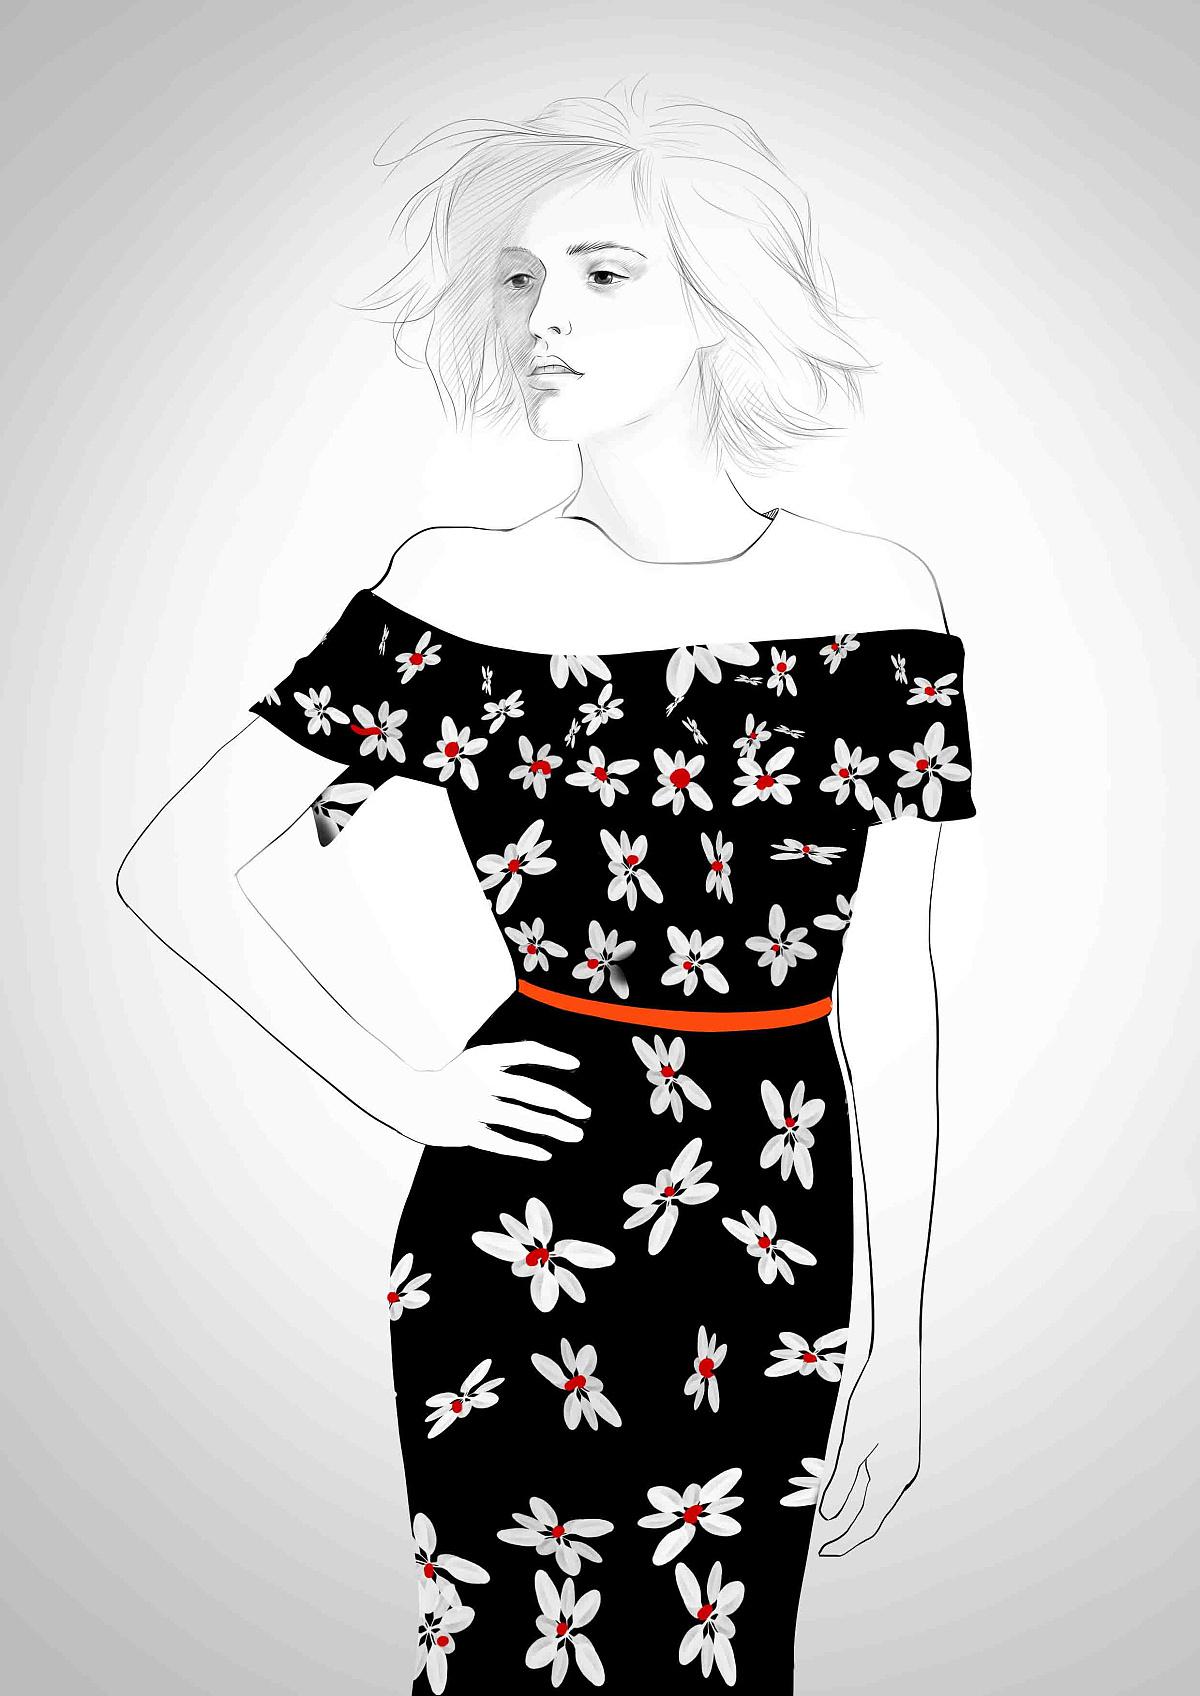 时尚衣服图片大全手绘